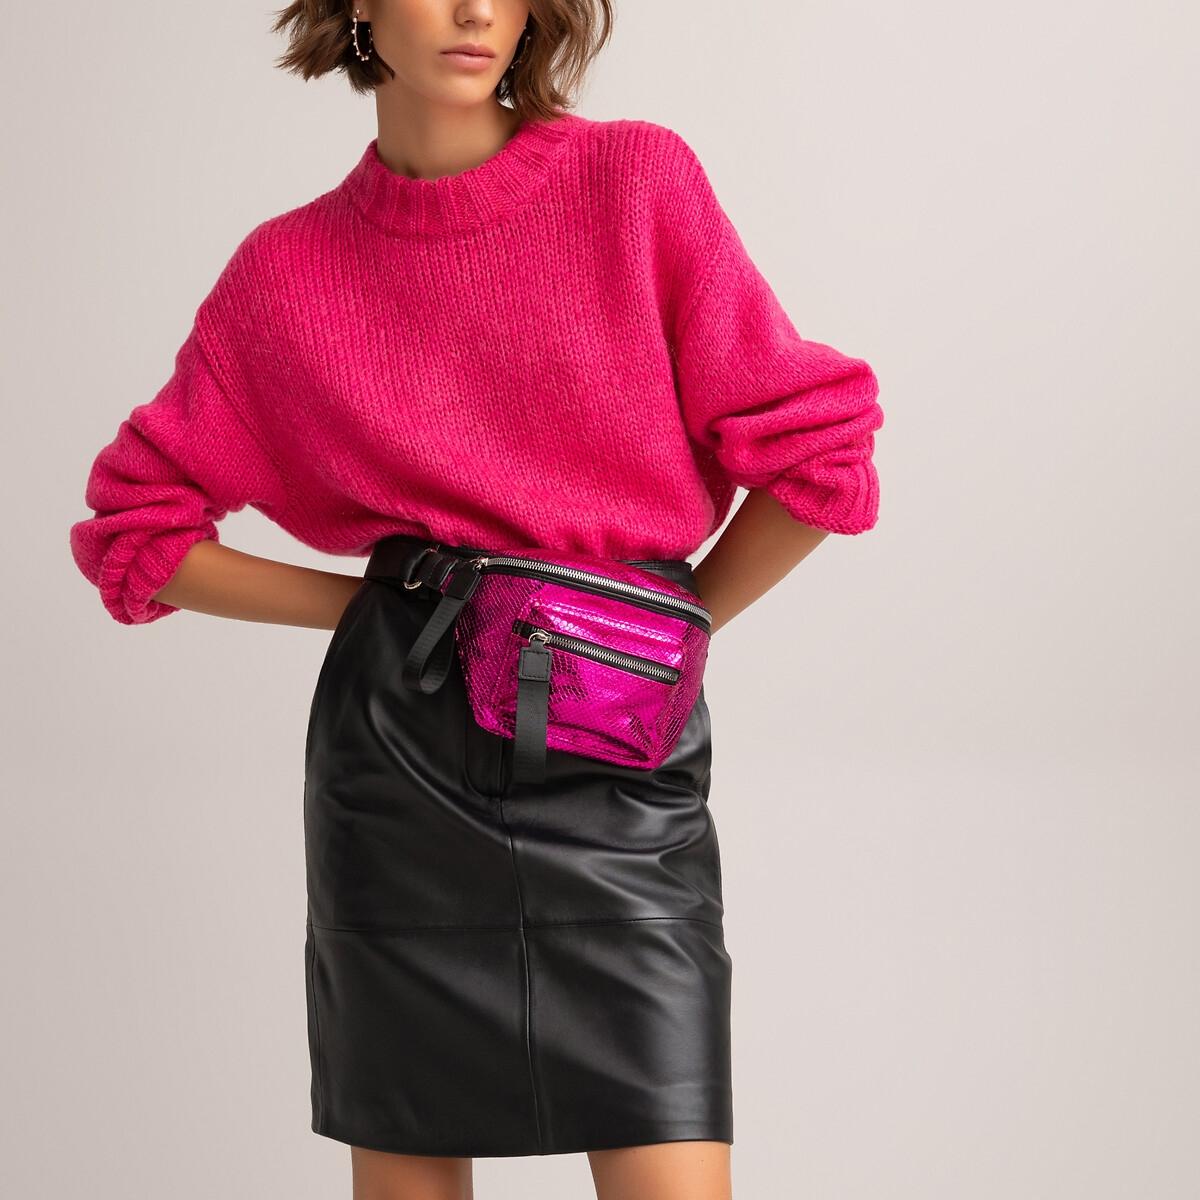 Сумка La Redoute Поясная с эффектом кожи питона UNI розовый сумка la redoute кожаная маленькая с клапаном с вышивкой uni розовый